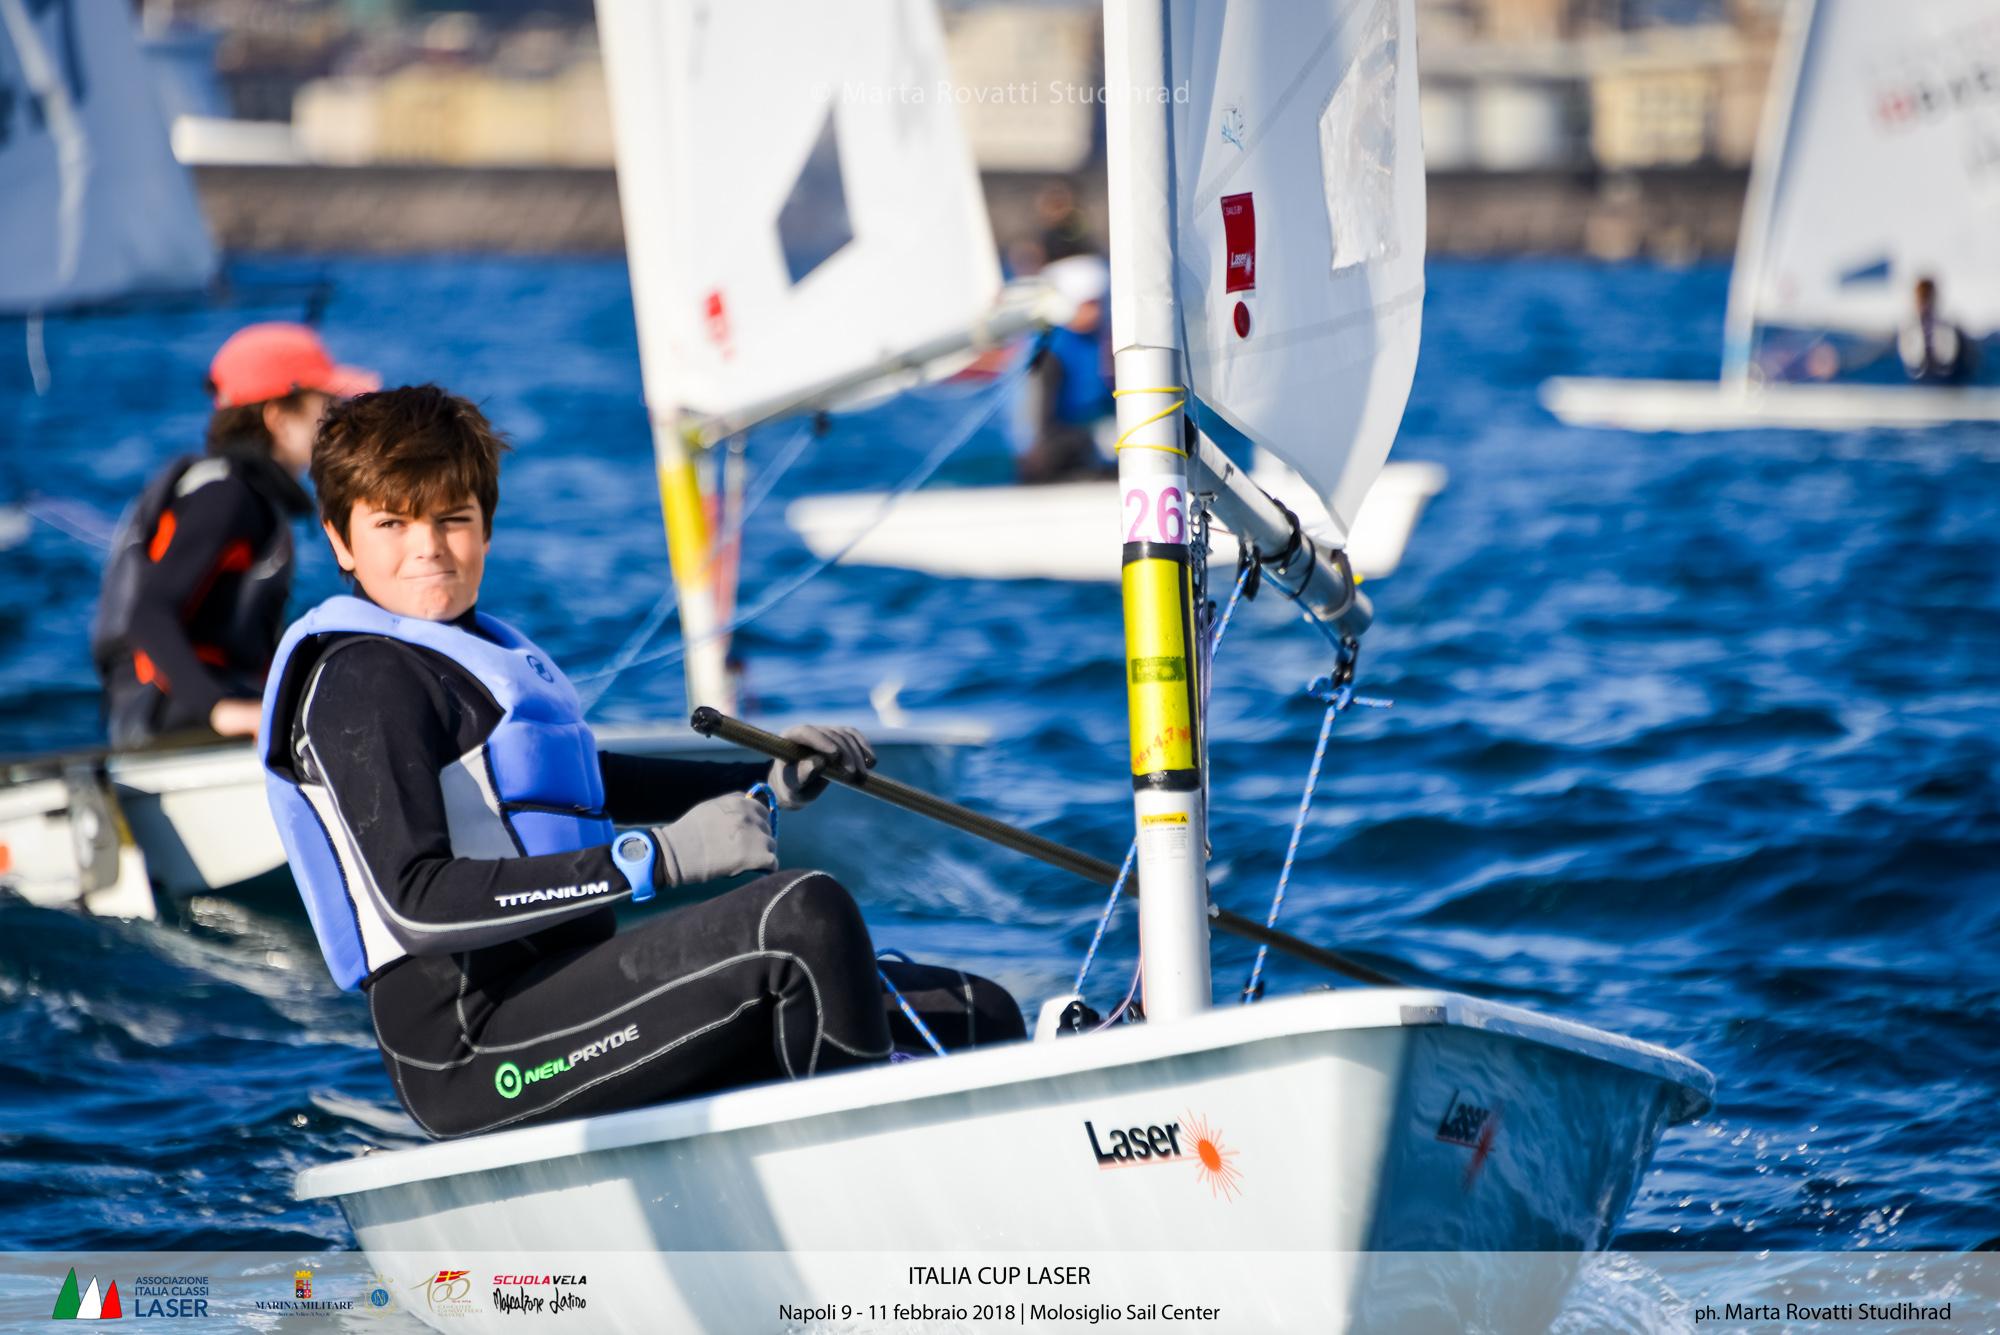 Associazione-Italia-Classi-Laser-2018-NapoliMGR_0233